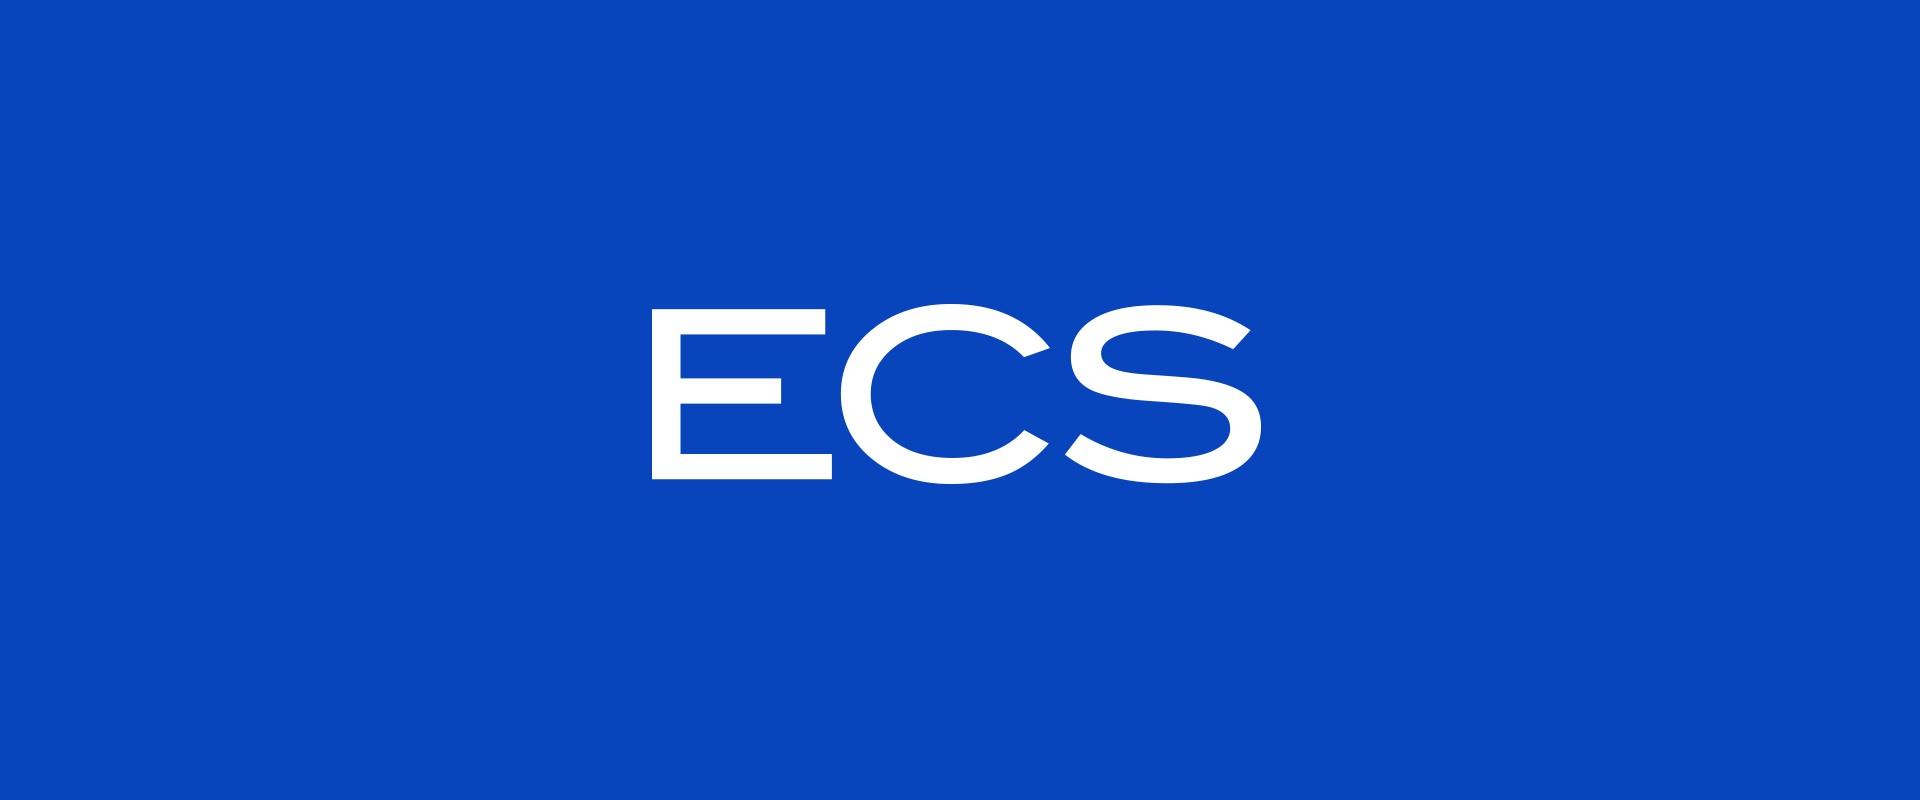 ECS : L'ÉCOLE DE COMMUNICATION